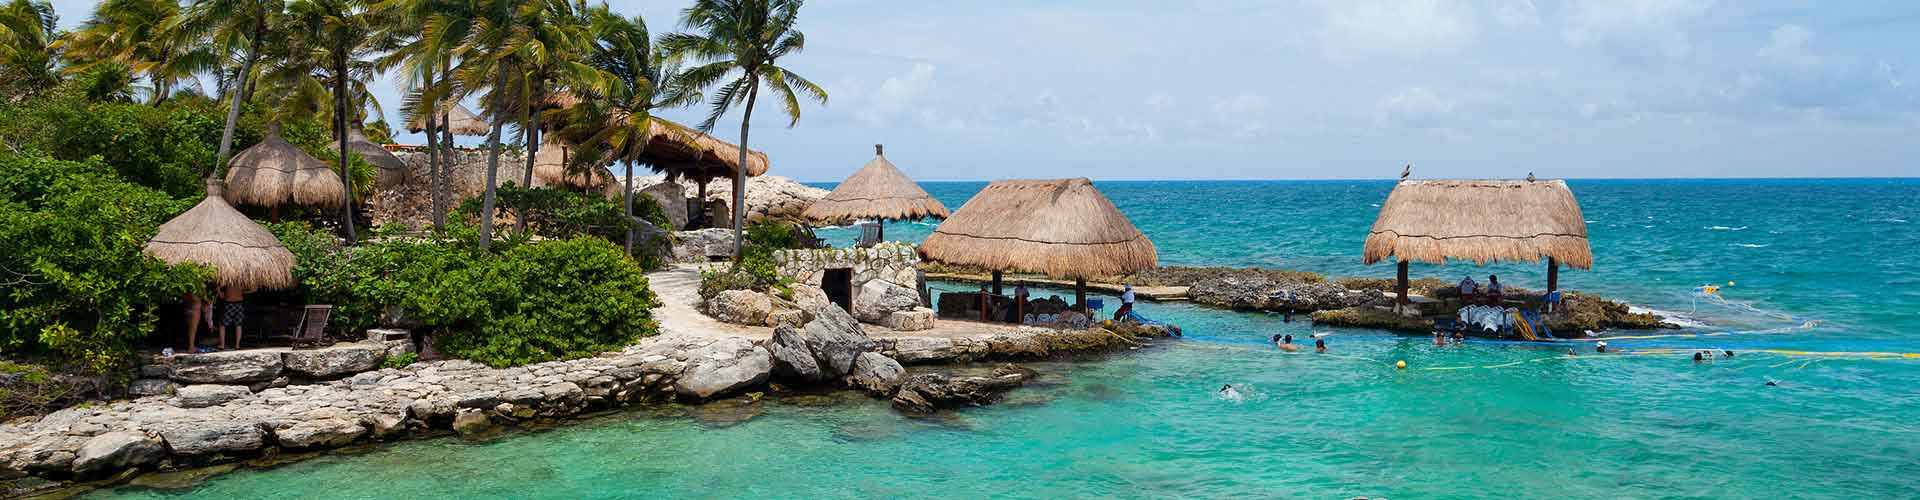 Cancun – Albergues em Cancun. Mapas para Cancun, Fotos e Avaliações para cada Albergue em Cancun.